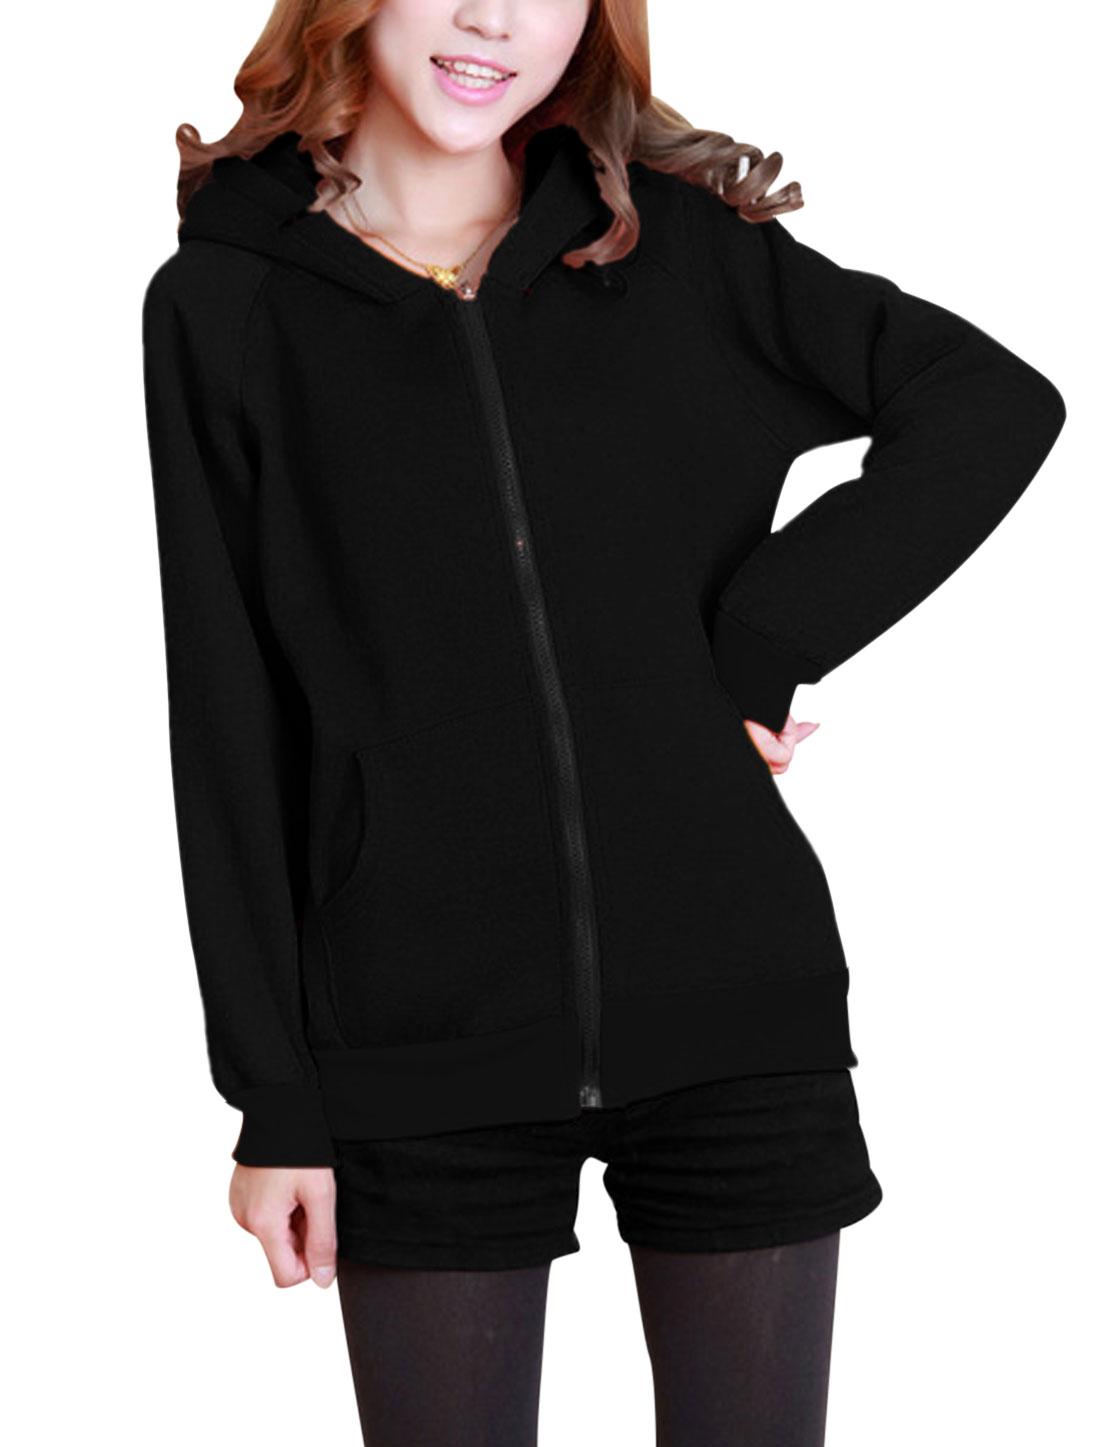 Lady Zip Fly Long Sleeve Bear Ears Fleece Lined Cute Hoodie Coat Black XS